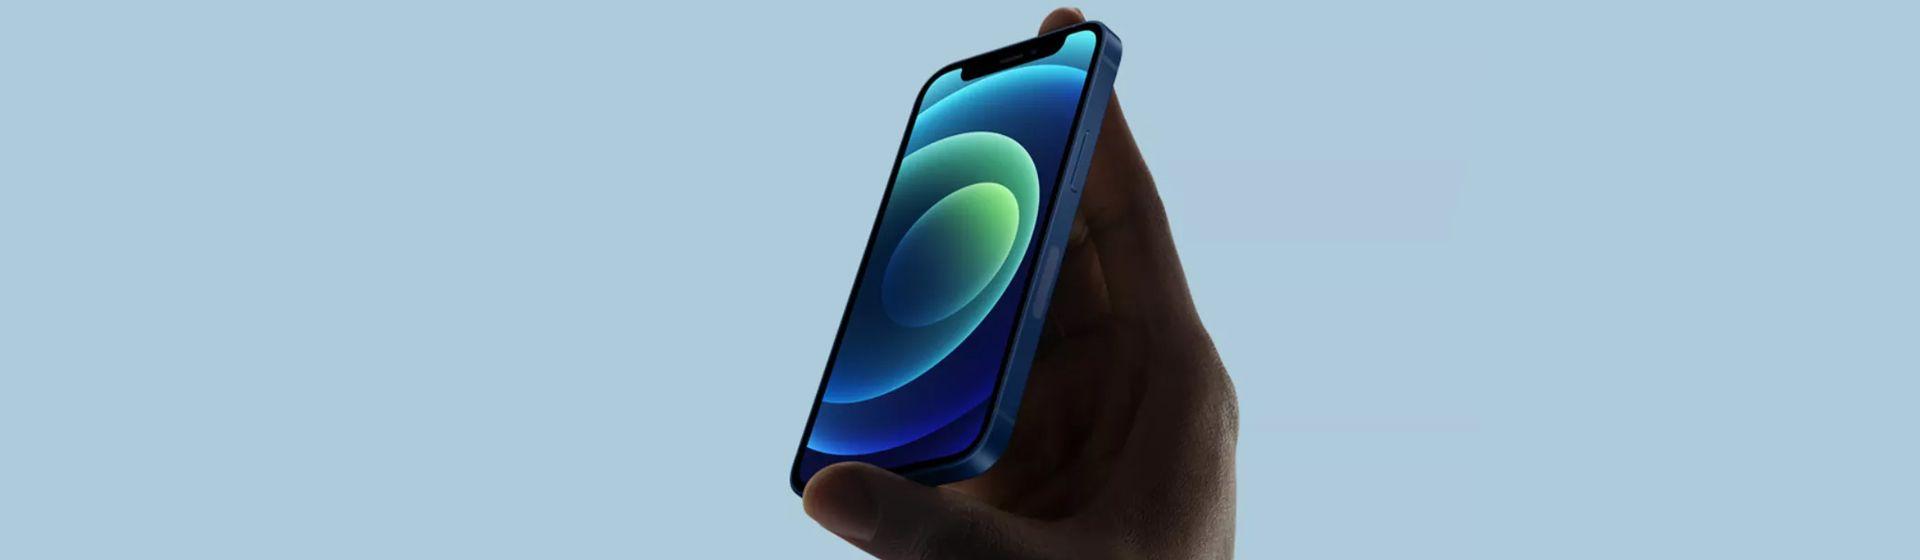 iPhone 12 Mini é bom? Tudo sobre o celular da Apple